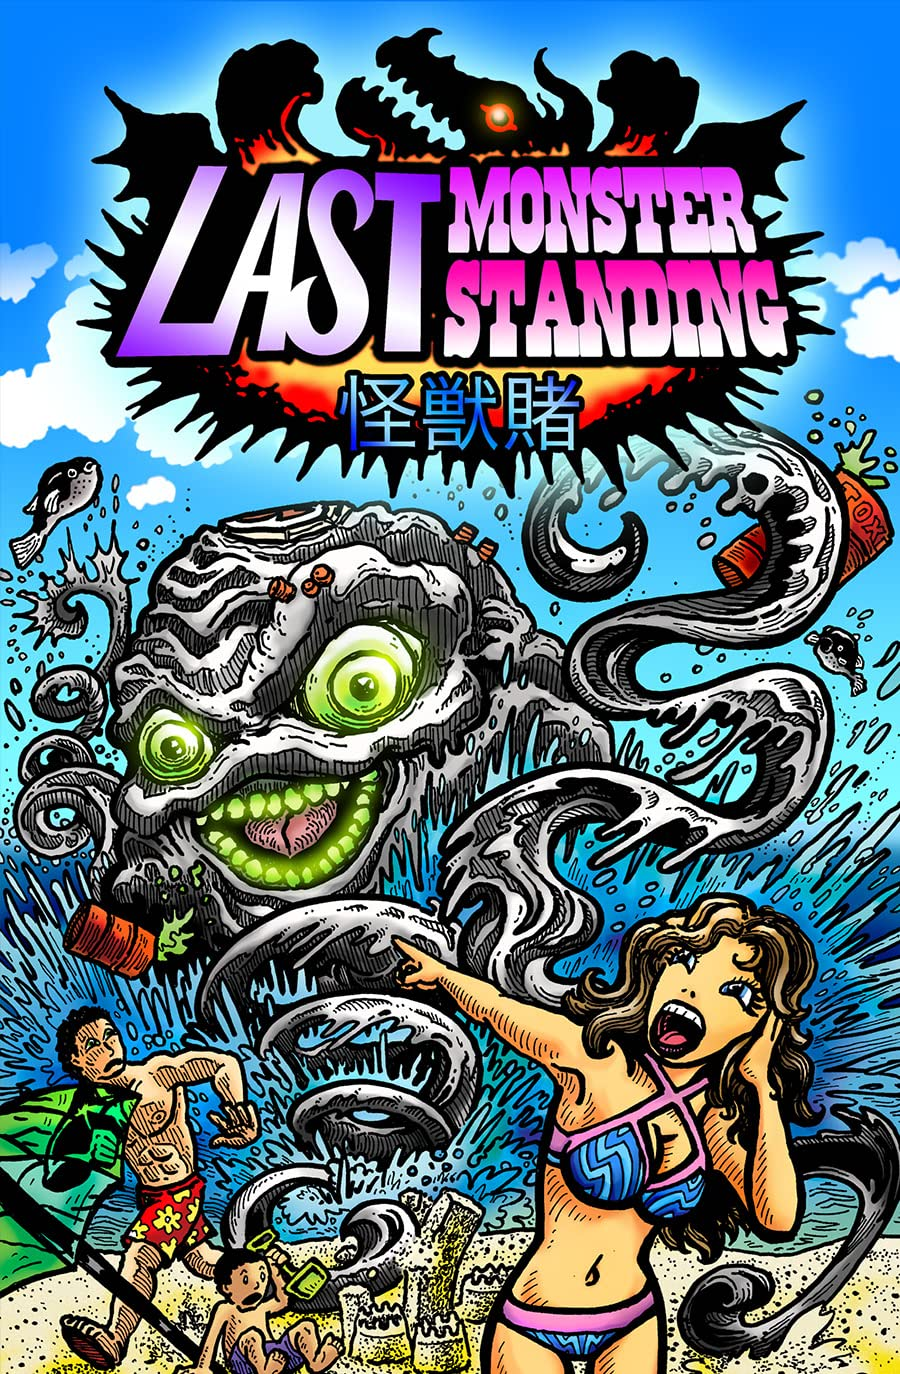 Last Monster Standing #2